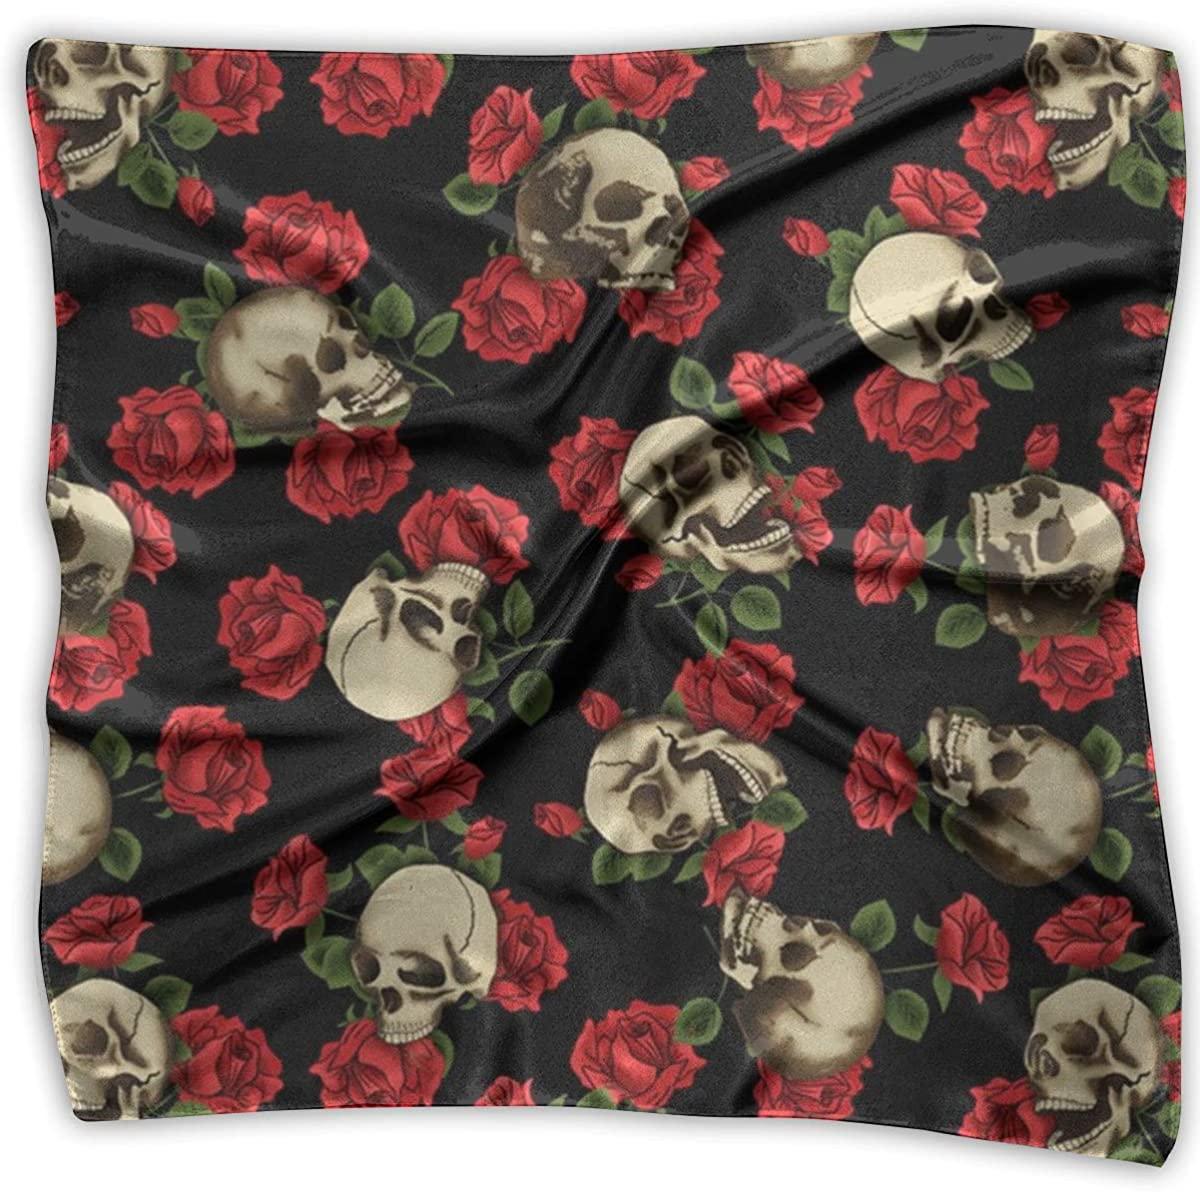 Skull And Rose Pattern Square Handkerchiefs Shawl Bandanas Headscarf Neckerchief Headband